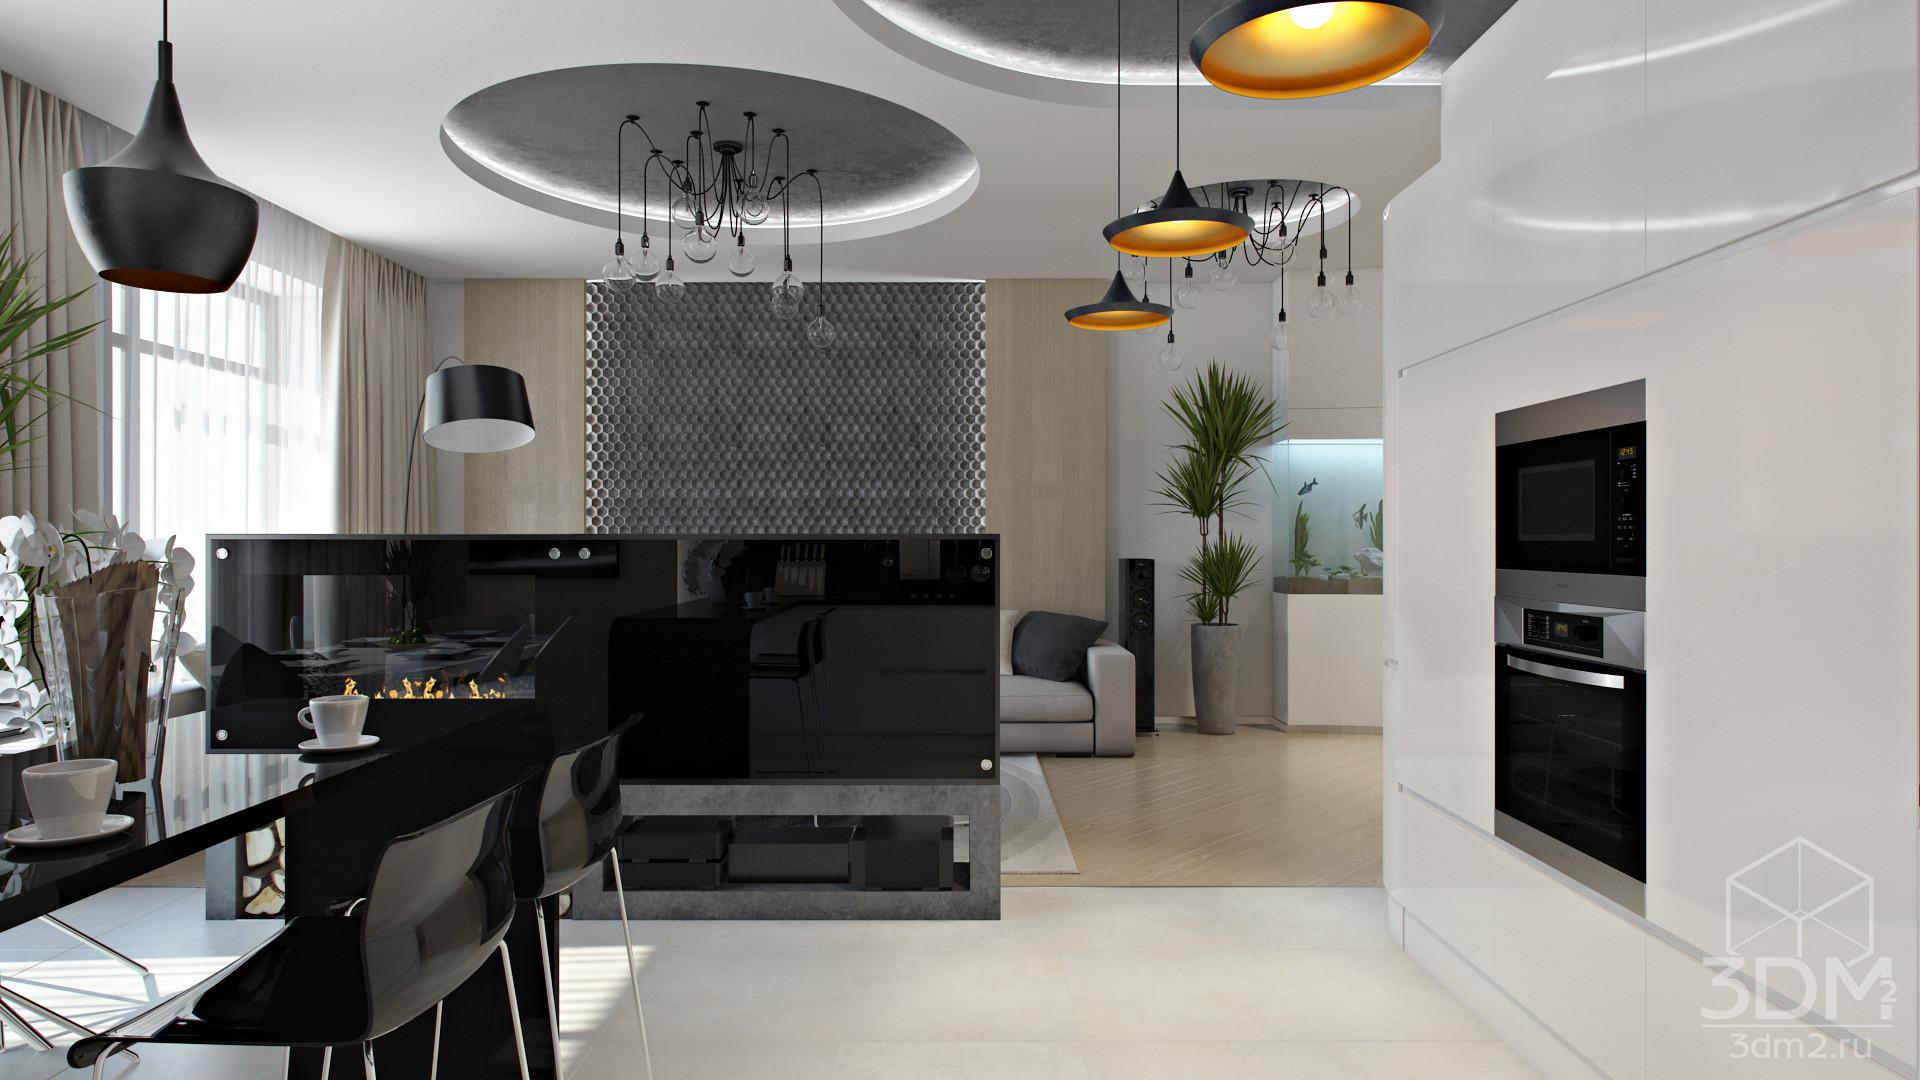 Однокомнатная квартира в стиле хай тек фото